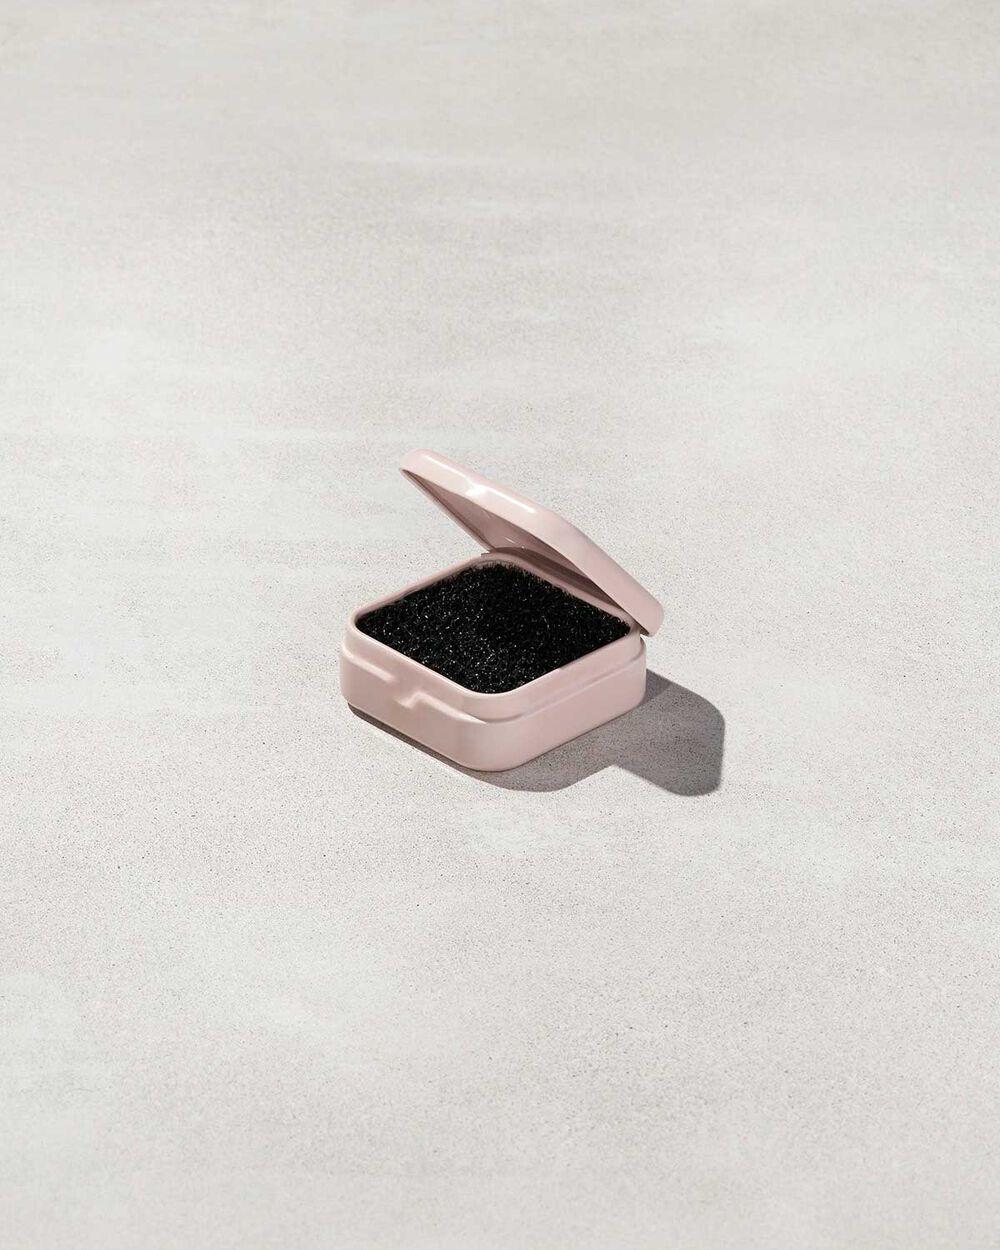 Rápido, fácil y portátil: Esta esponja quita fácilmente la suciedad sin necesidad de agua ni jabón. Dry Brush Cleaning Sponge, de Fenty Beauty. $18.00. fentybeauty.com